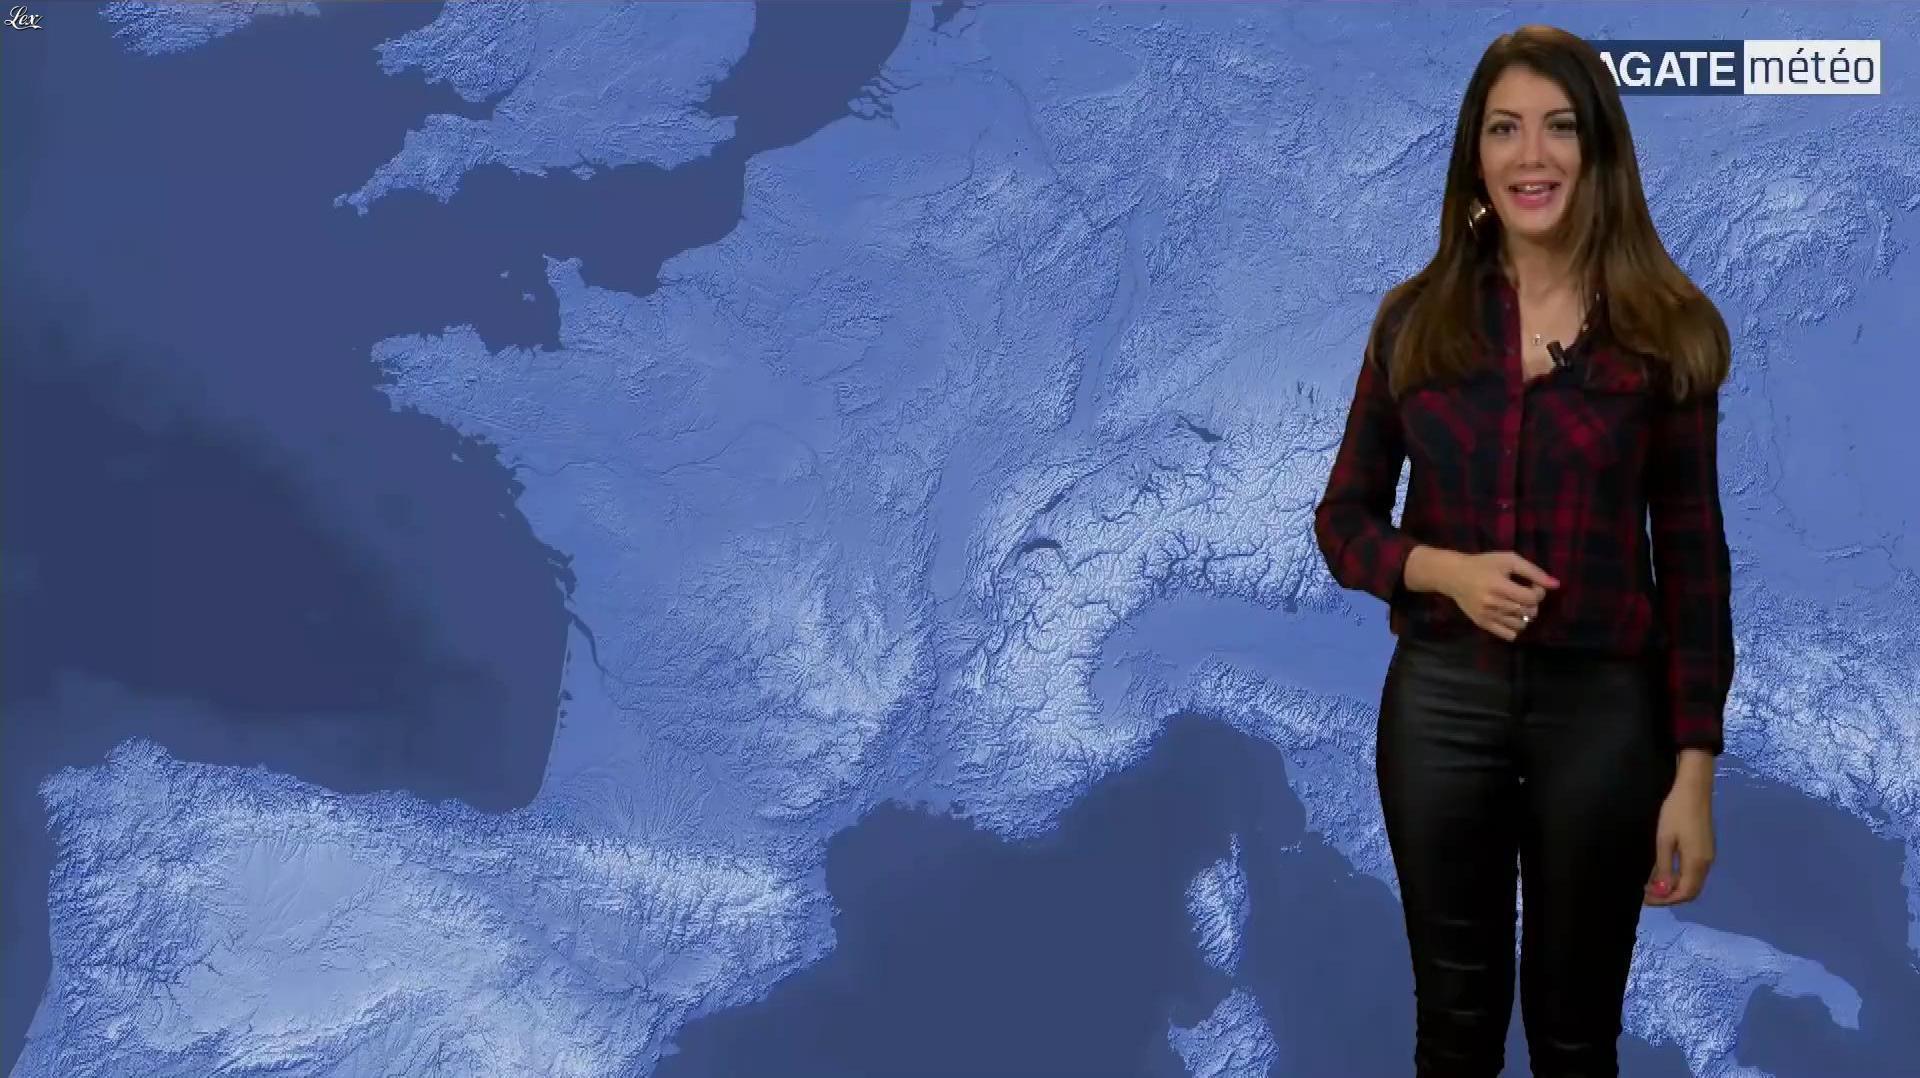 Virgilia Hess dans Agate Meteo. Diffusé à la télévision le 16/06/18.